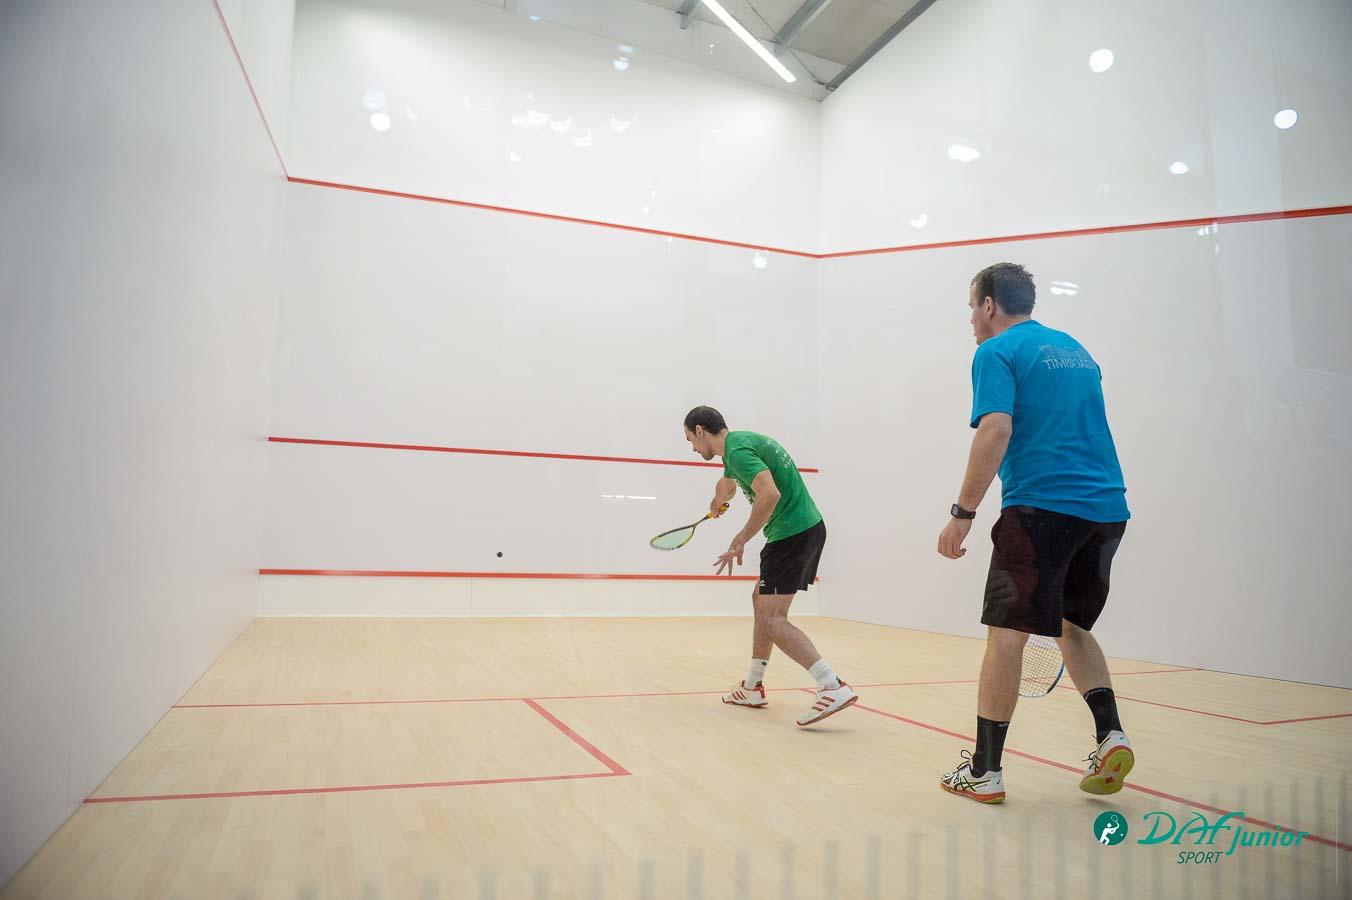 daf-sport-gallery-11